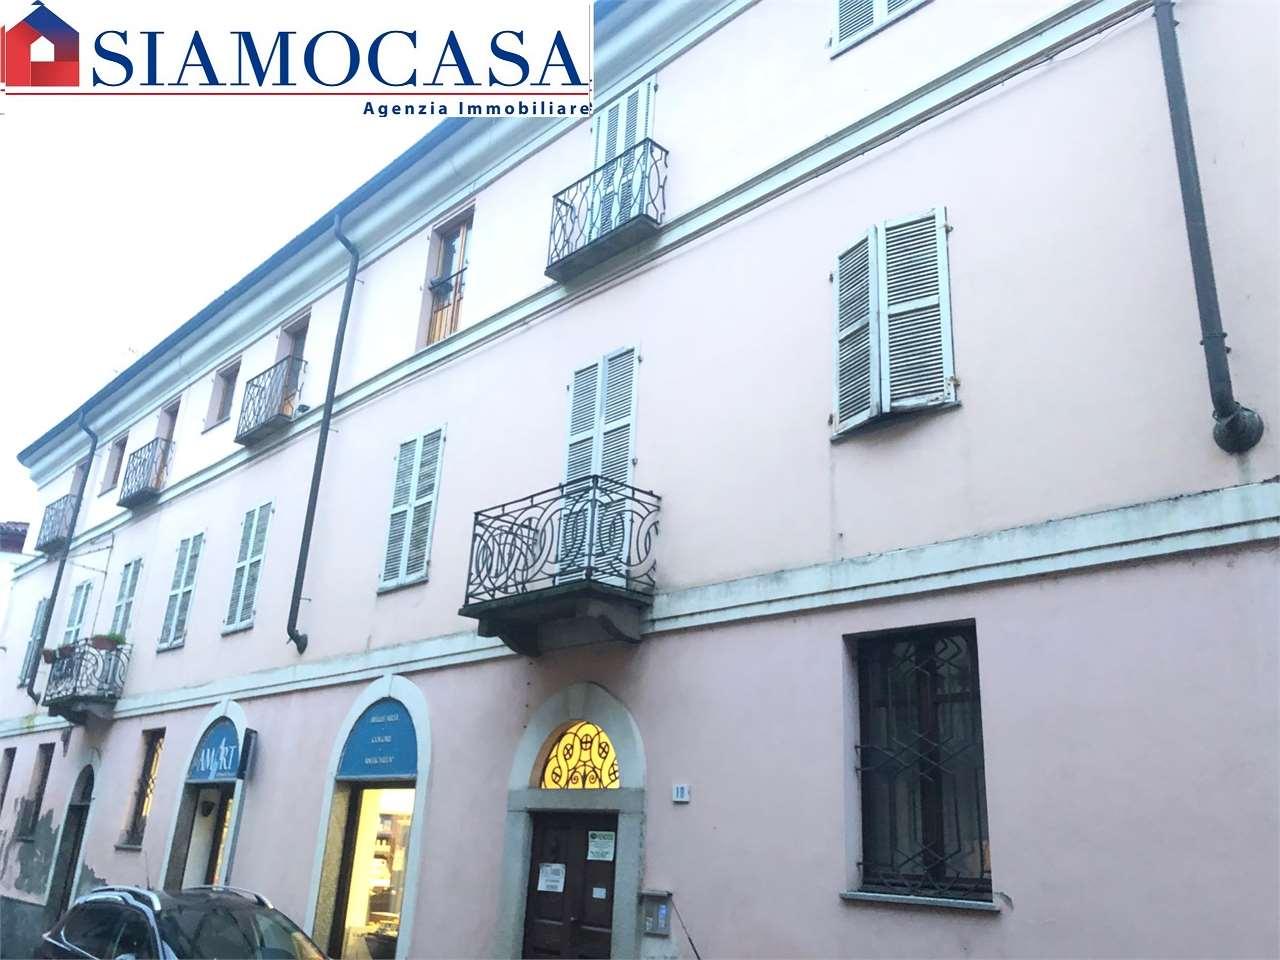 Appartamento in vendita a Alessandria, 4 locali, zona Zona: Centro-P.tta della Lega, prezzo € 70.000 | CambioCasa.it